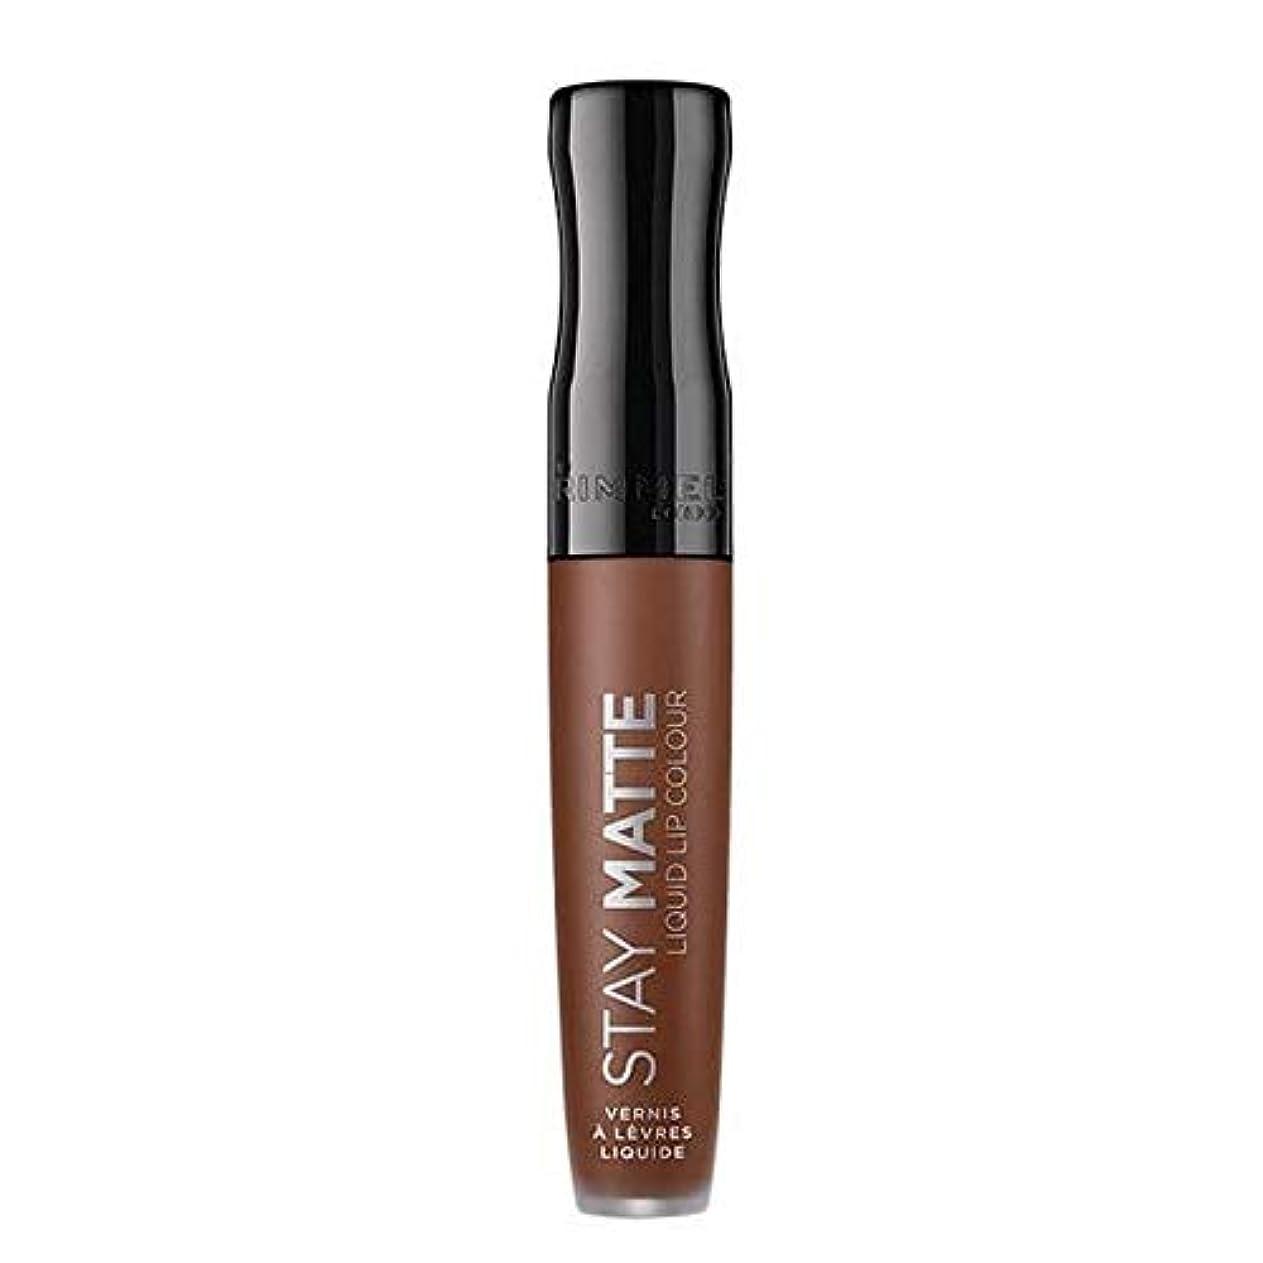 光の発疹隣接する[Rimmel ] スキャンダラスリンメルステイマット液体リップ口紅 - Rimmel Stay Matte Liquid Lip Lipstick Scandalous [並行輸入品]